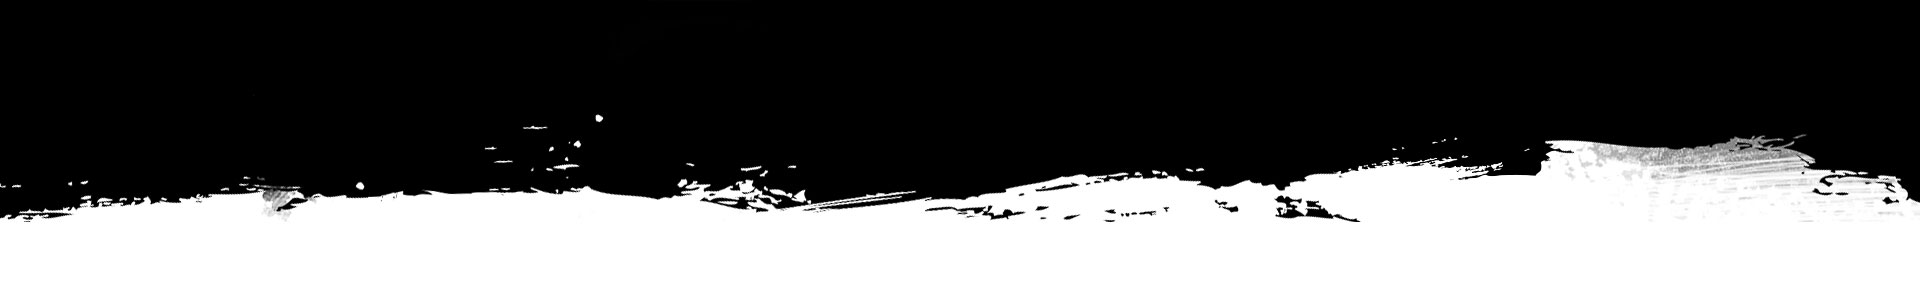 Обложка CrossfireX на черном фоне с белыми мазками в нижней части